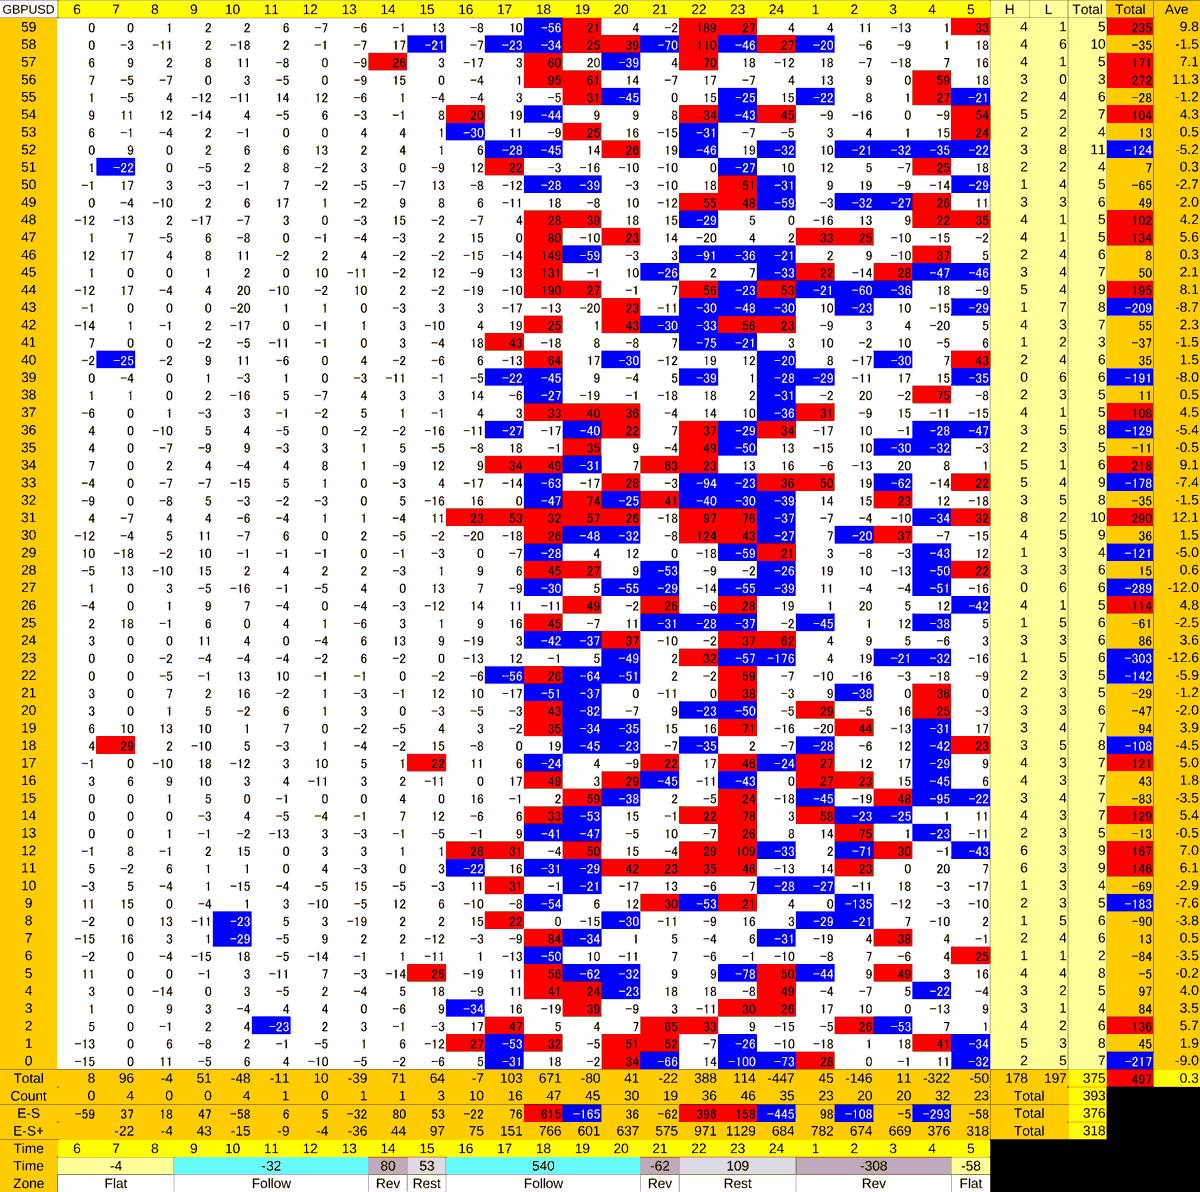 20201204_HS(2)GBPUSD